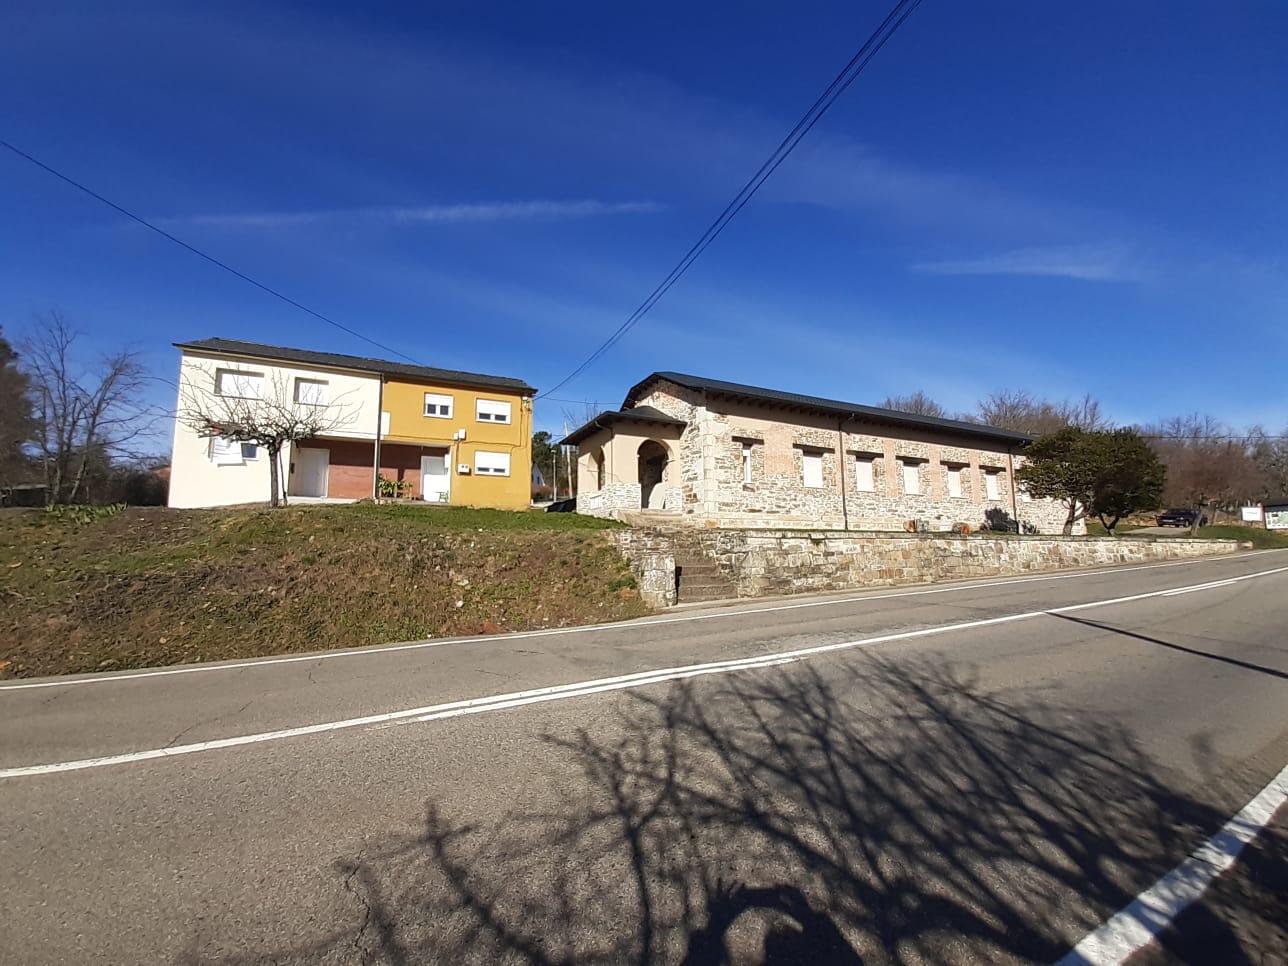 Una casa de alquiler desde 40€ al mes para familias que mantengan la escuela abierta 1